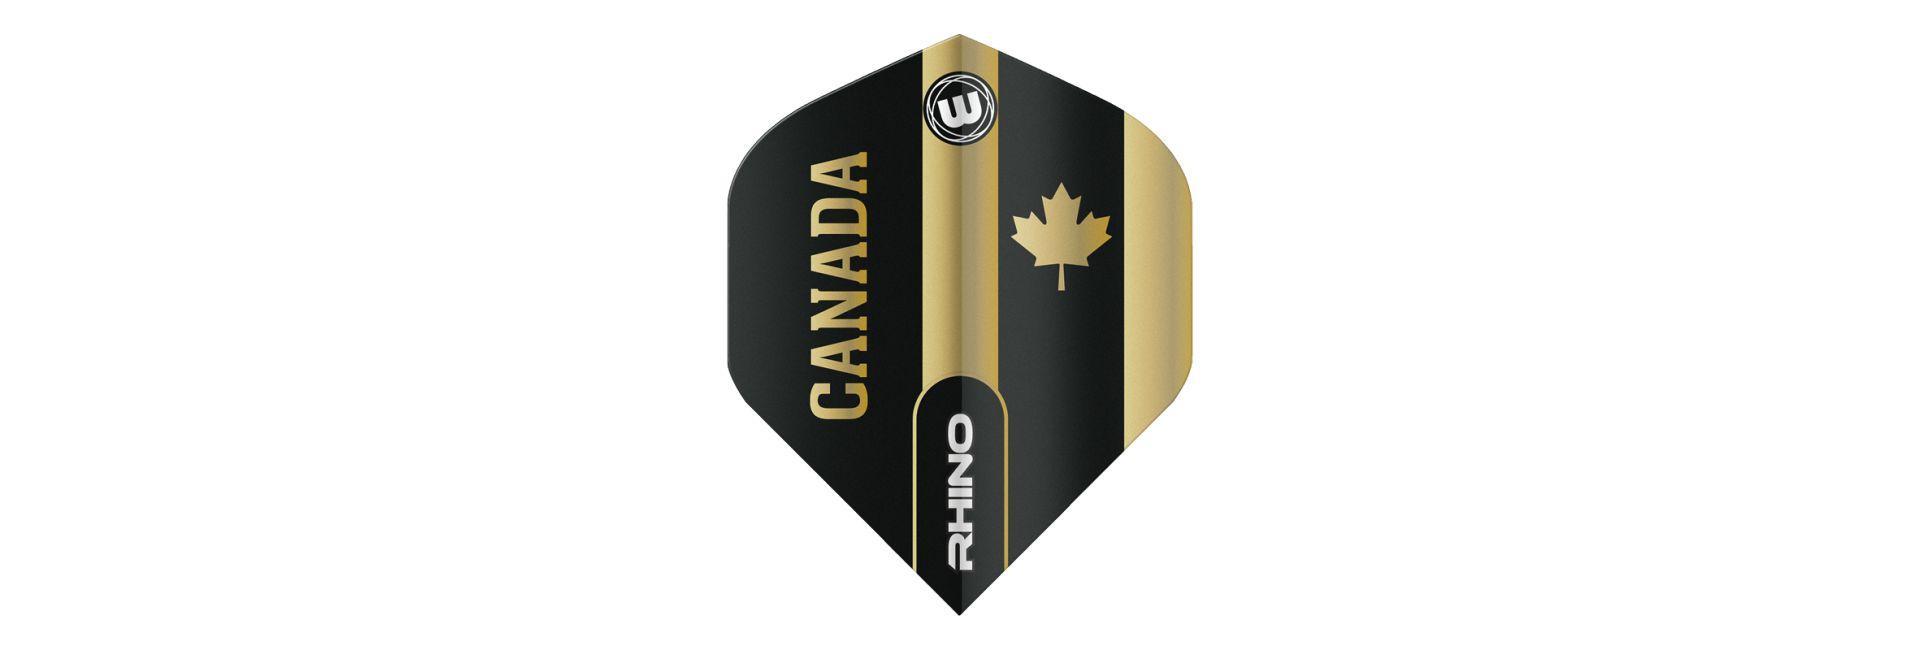 Winmau Rhino Black & Gold Canada Dart Flights